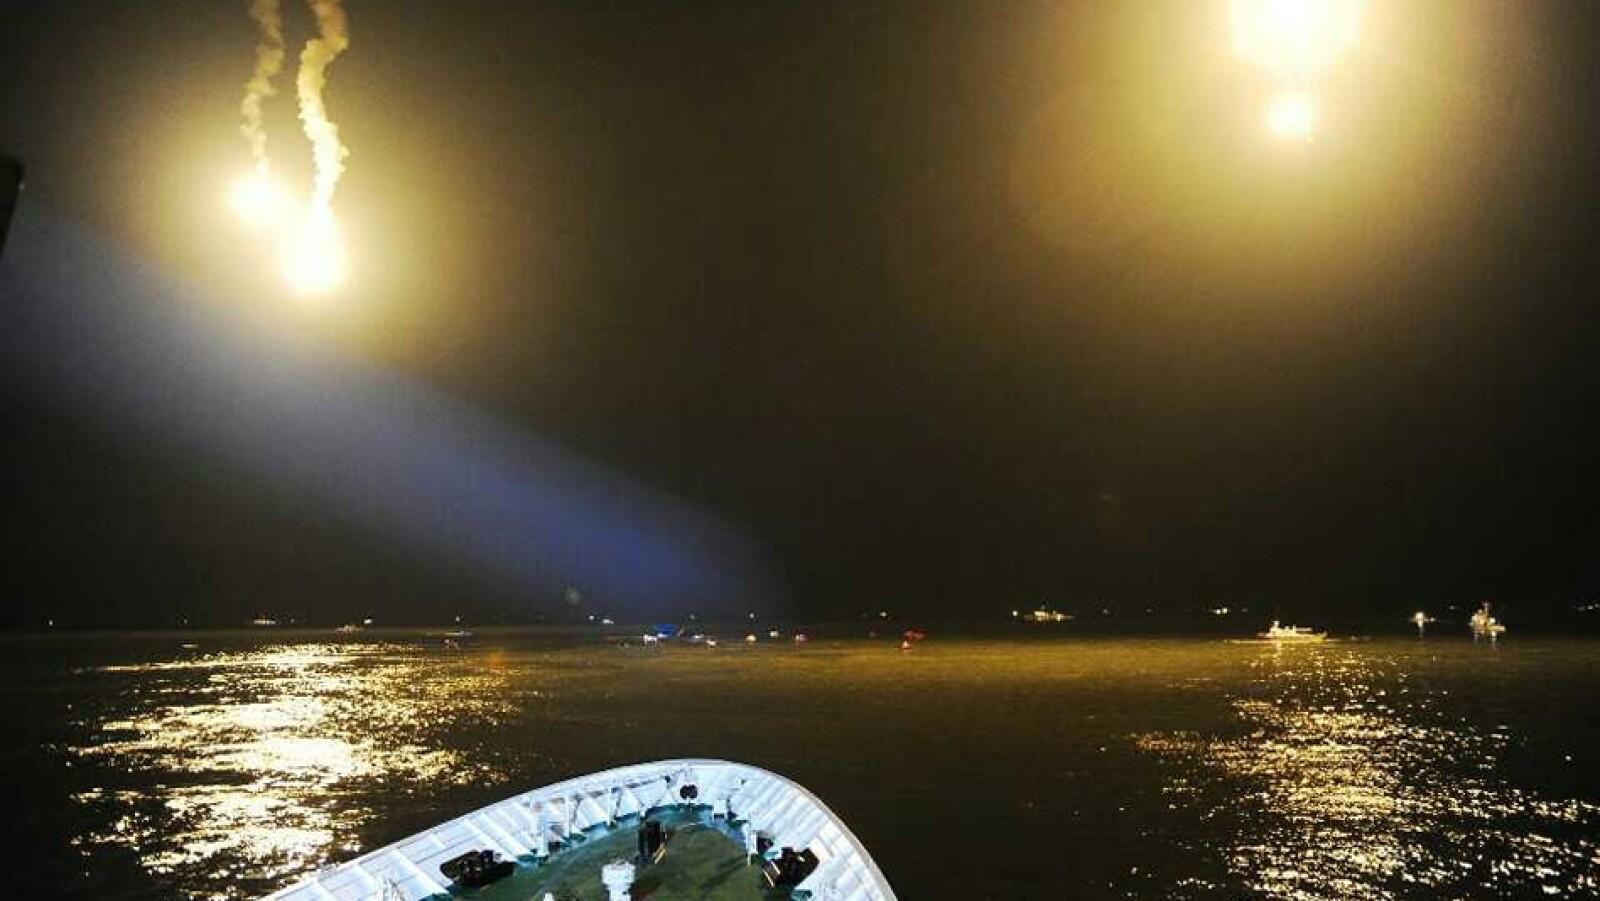 Al menos siete personas murieron este miércoles luego de que el barco Sewol empezó a inclinarse hasta que volcó en la costa suroeste del país